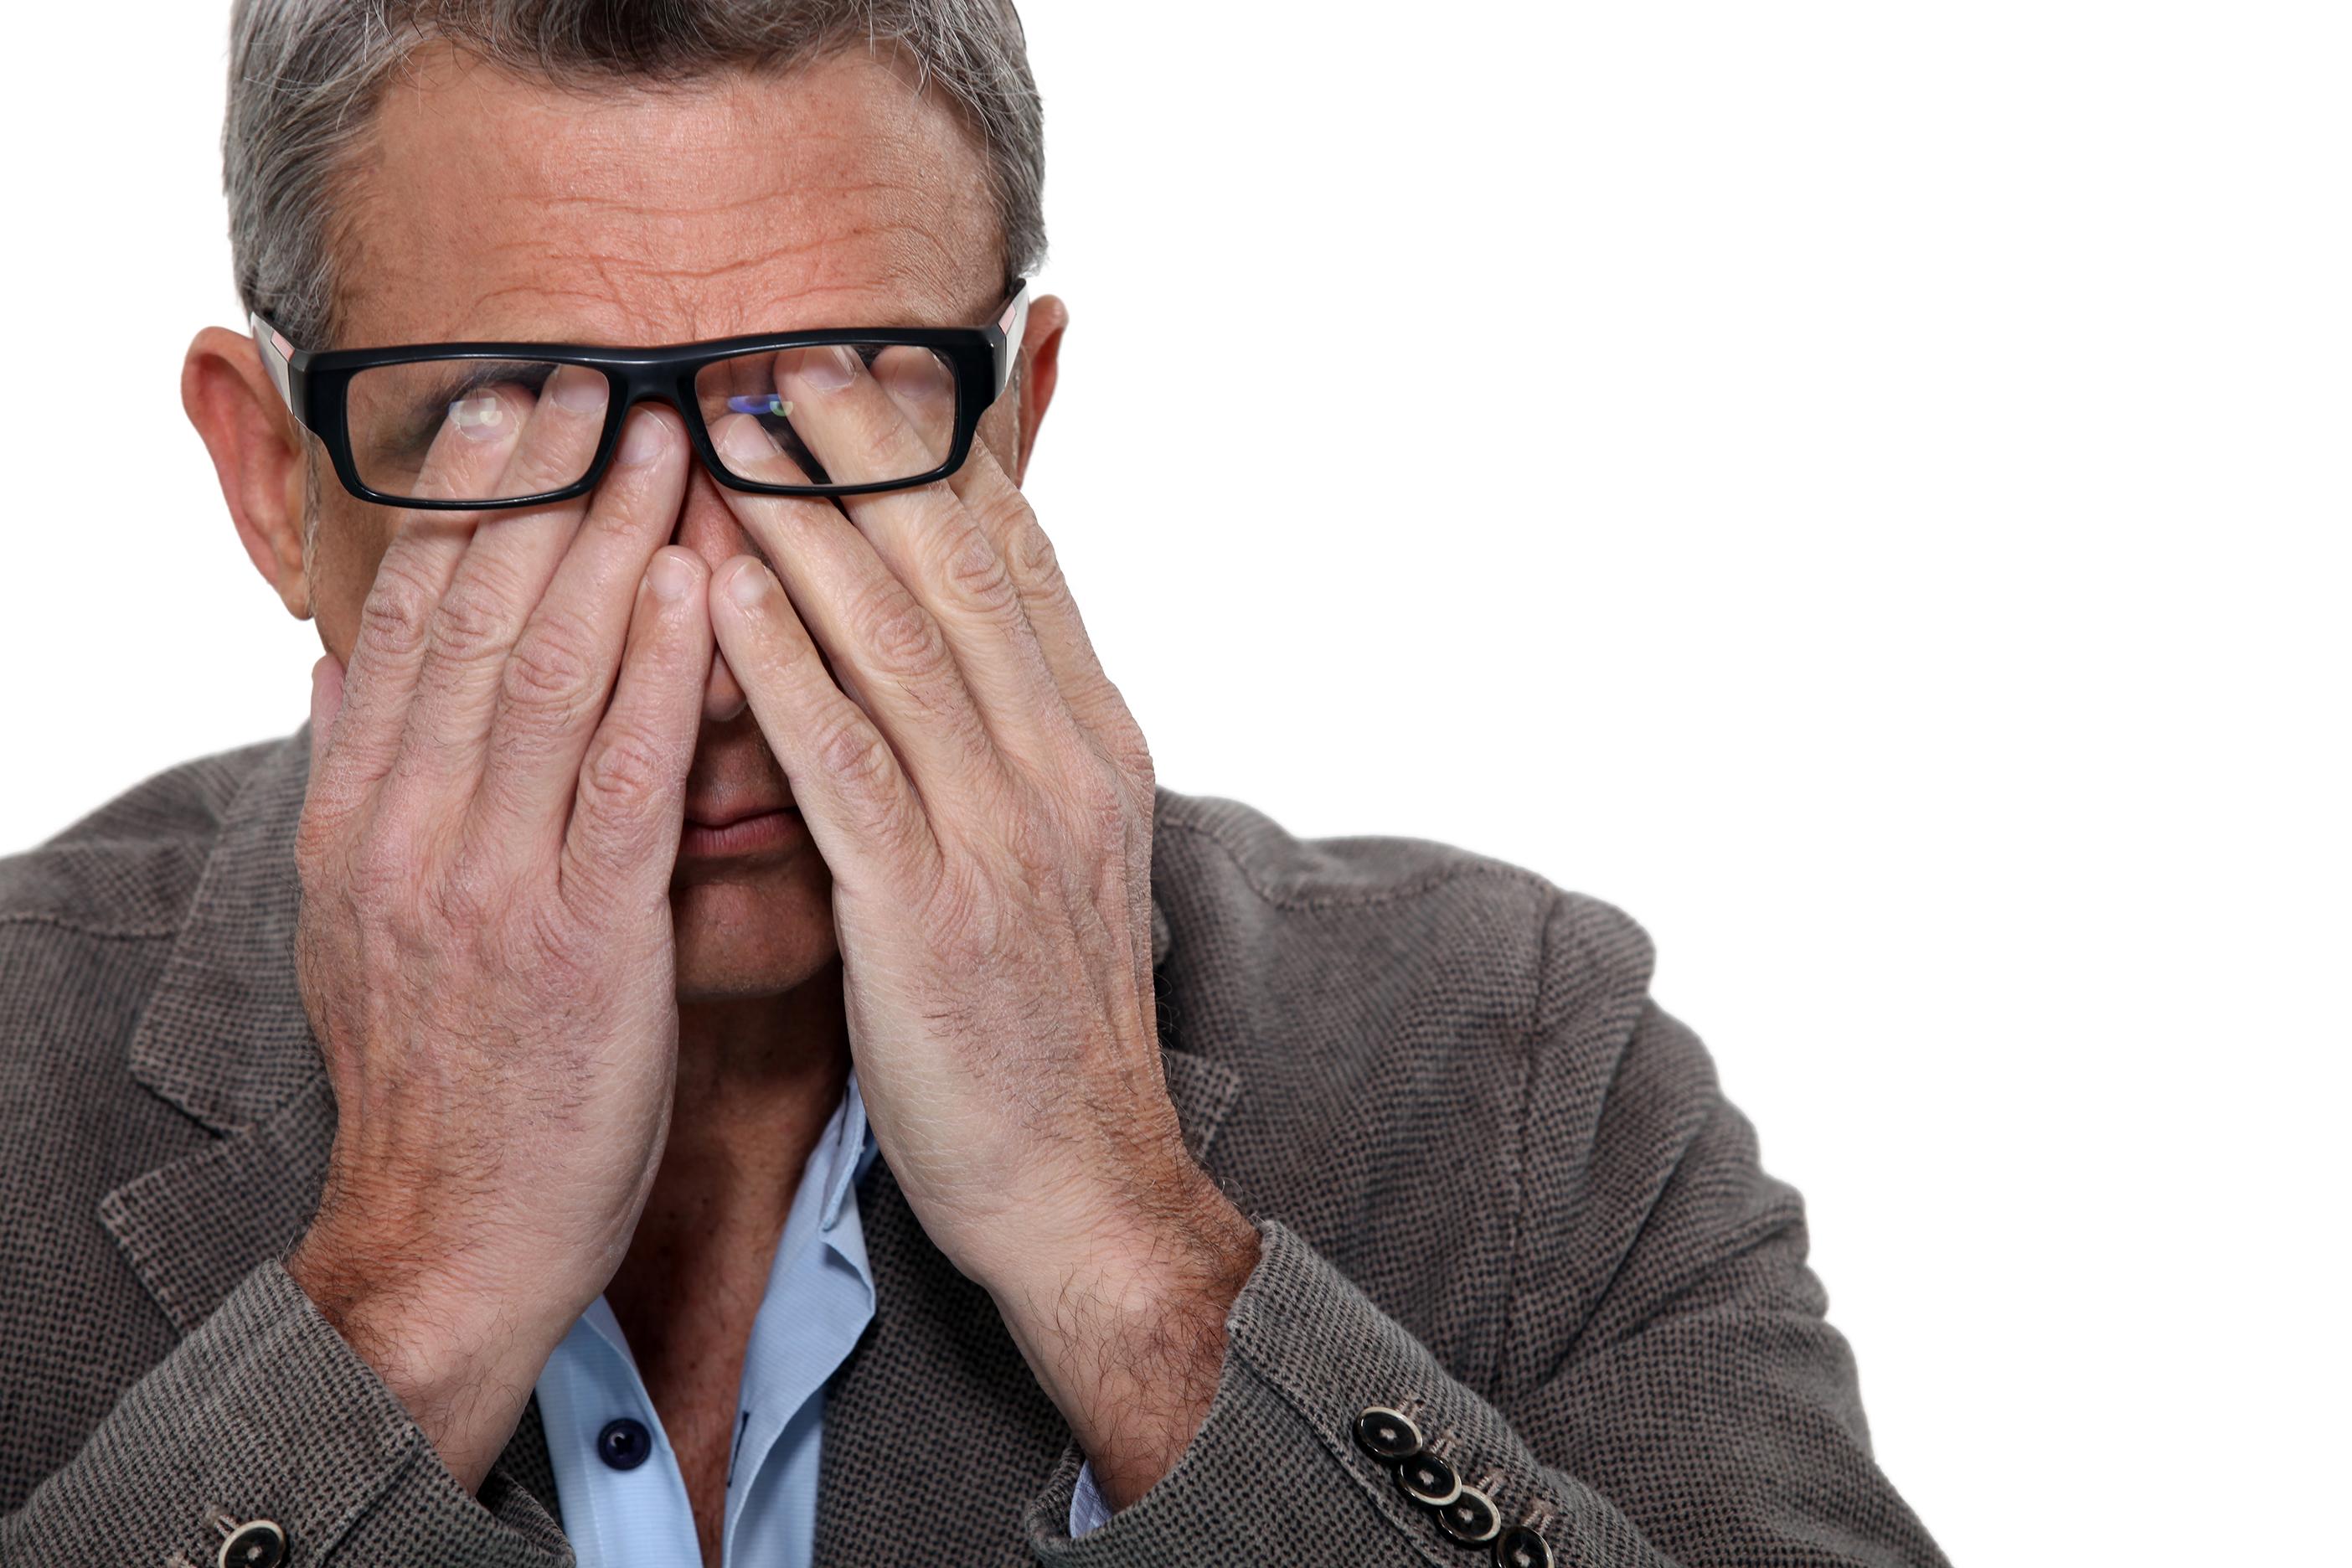 Jeukende ogen: oorzaken en behandelingen